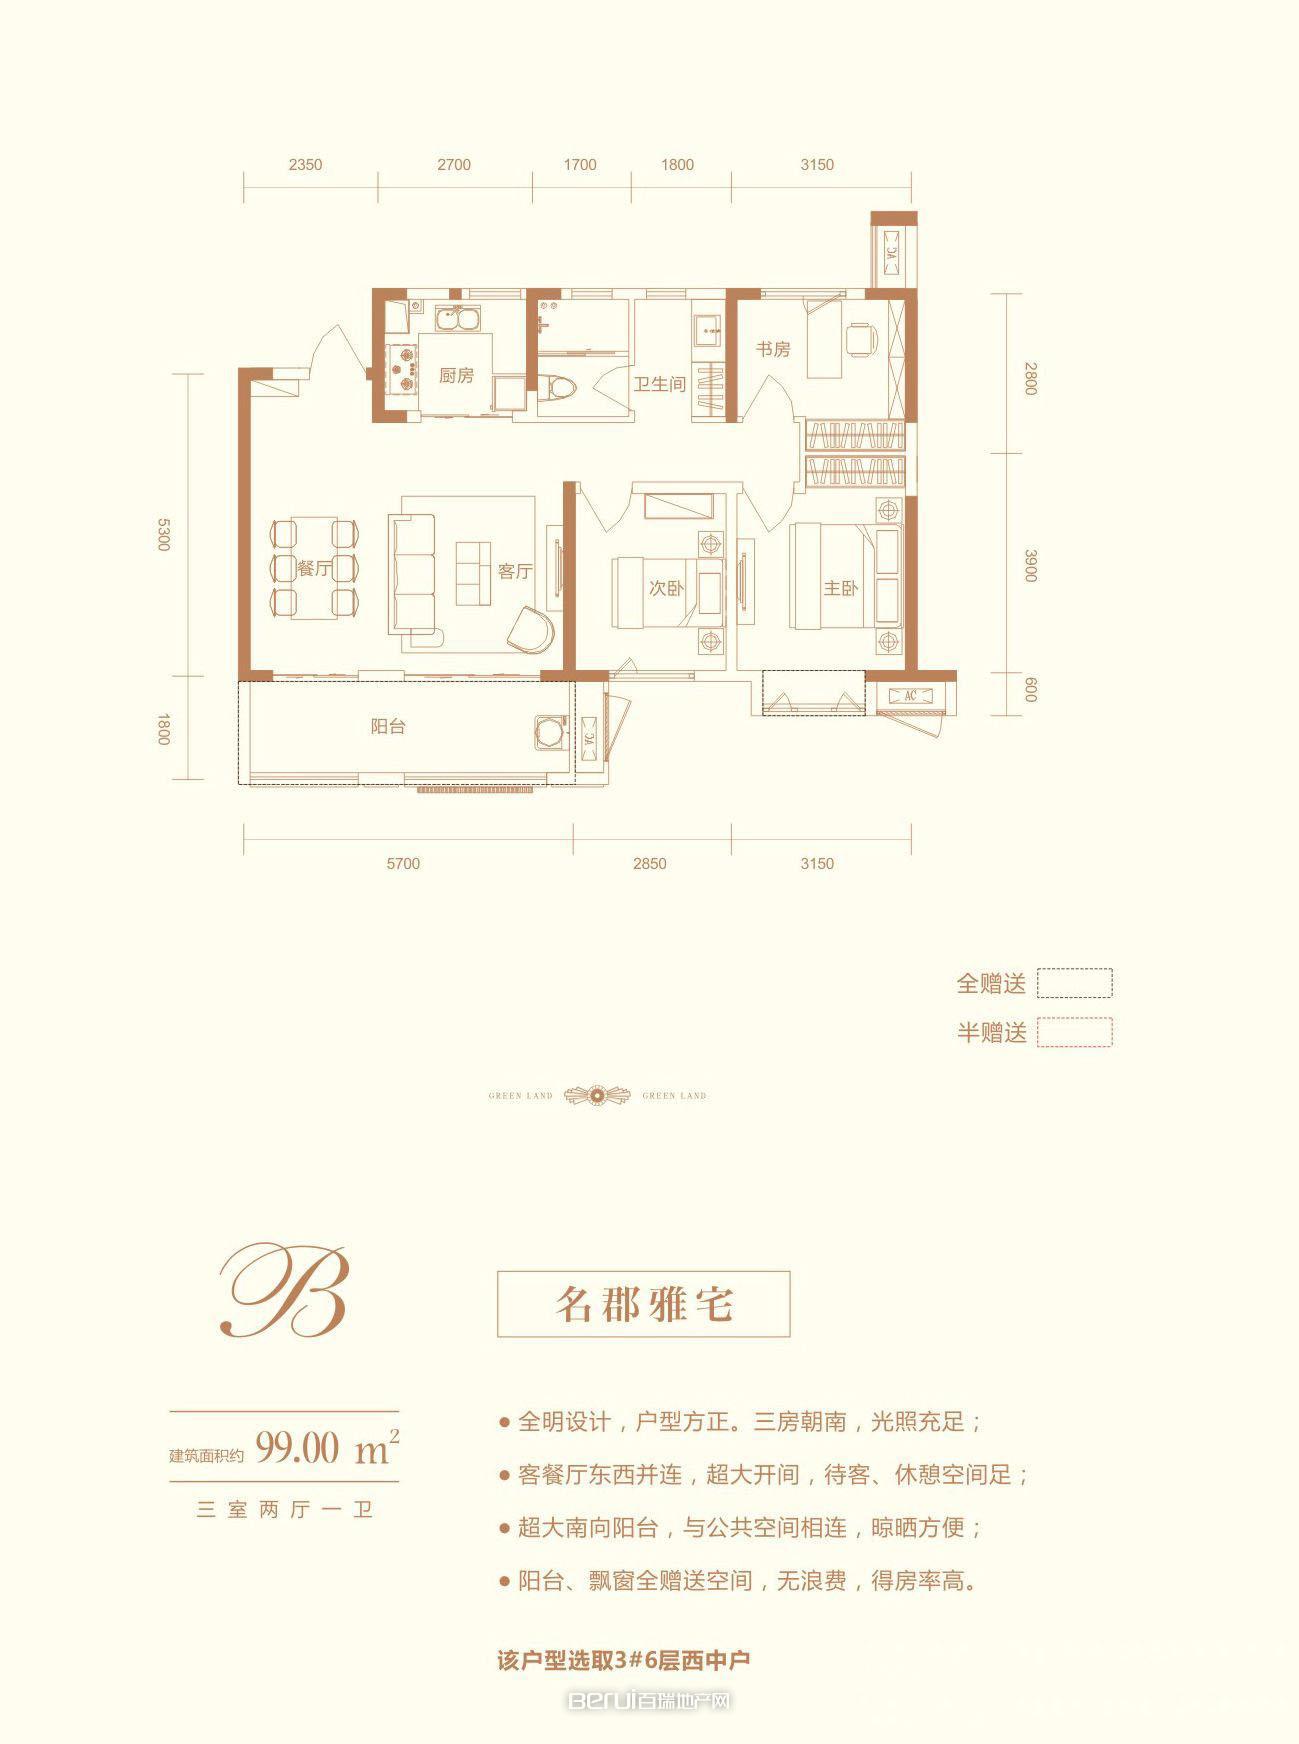 绿地紫峰公馆户型图